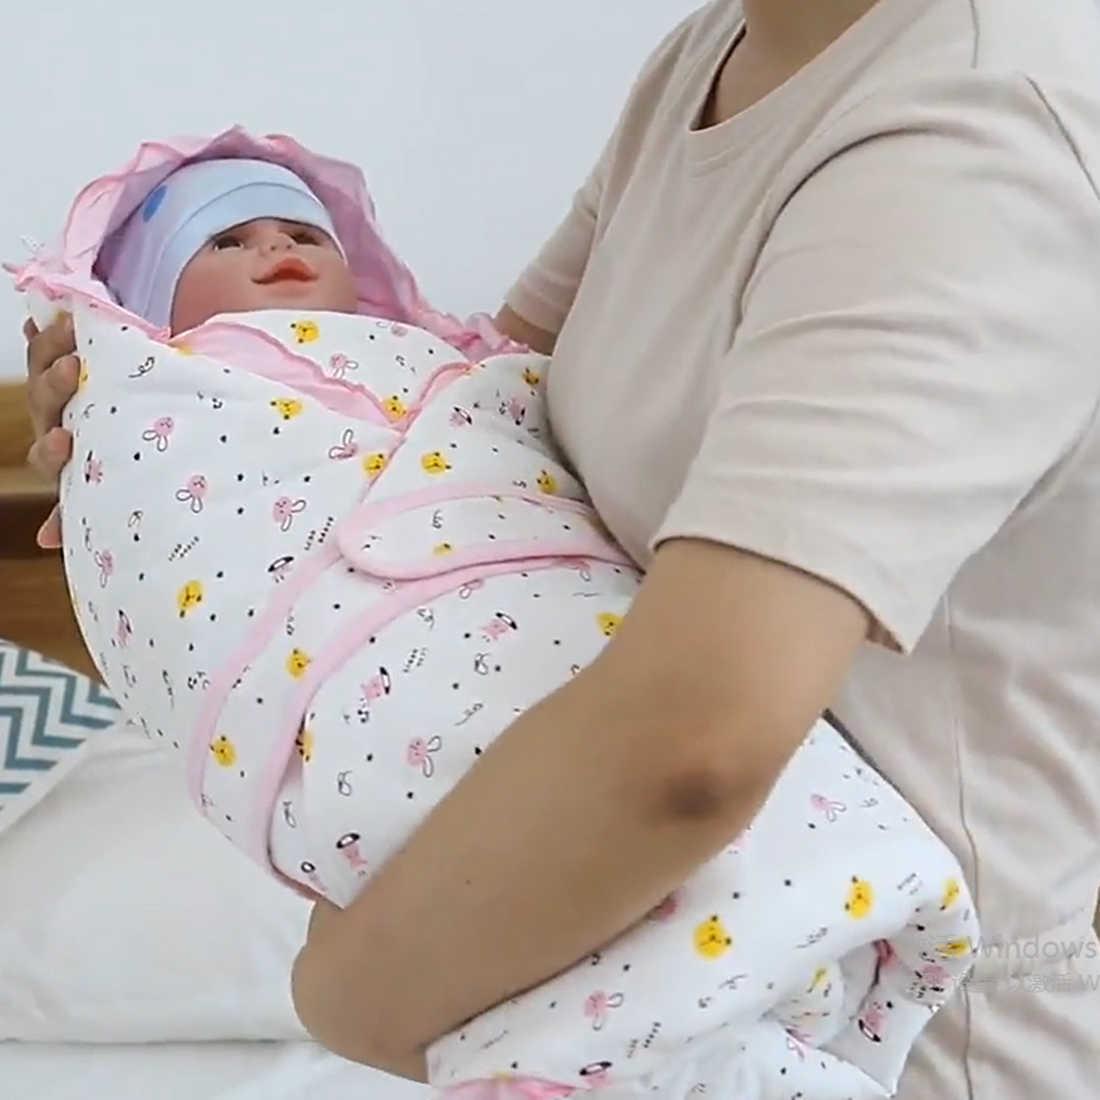 ベビー抱擁毛布新生児かわいいソフト綿寝袋防風帽子用品春冬のない蛍光剤